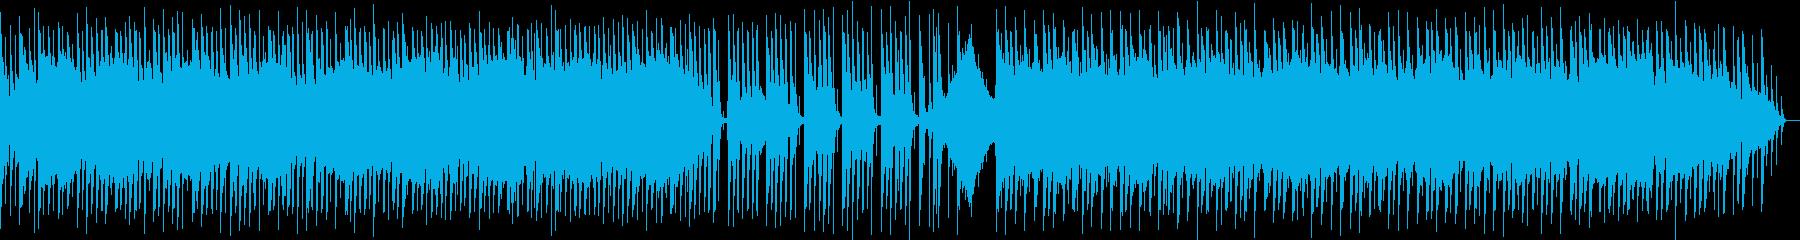 ゆったり切ないカントリーフォークの再生済みの波形